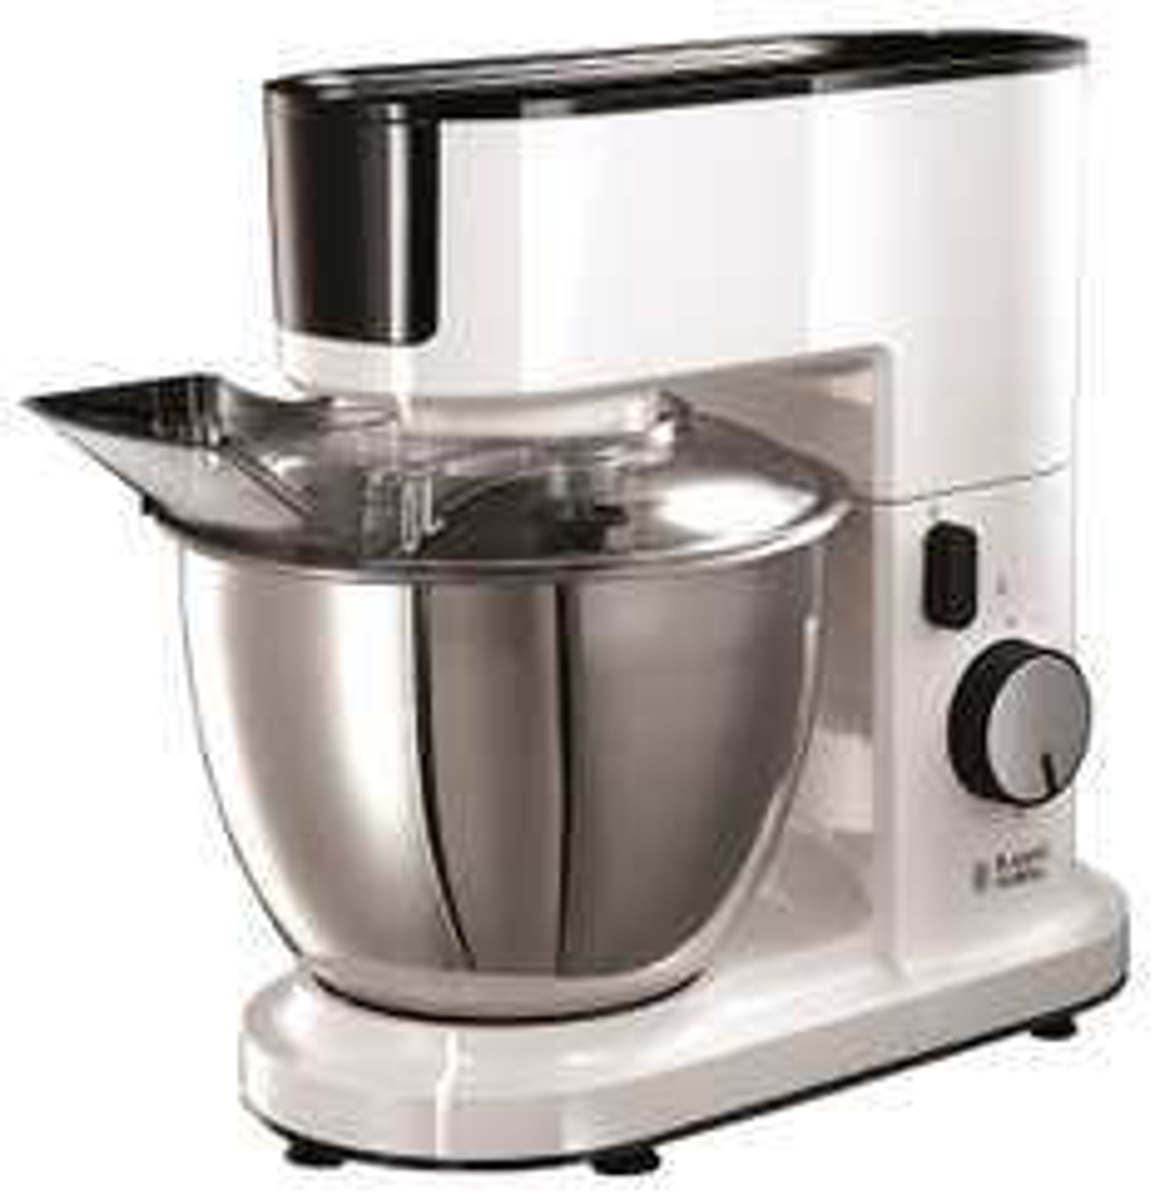 Russell Hobbs 20355-56 Aura Küchenmaschine für 79,12€ bei top12